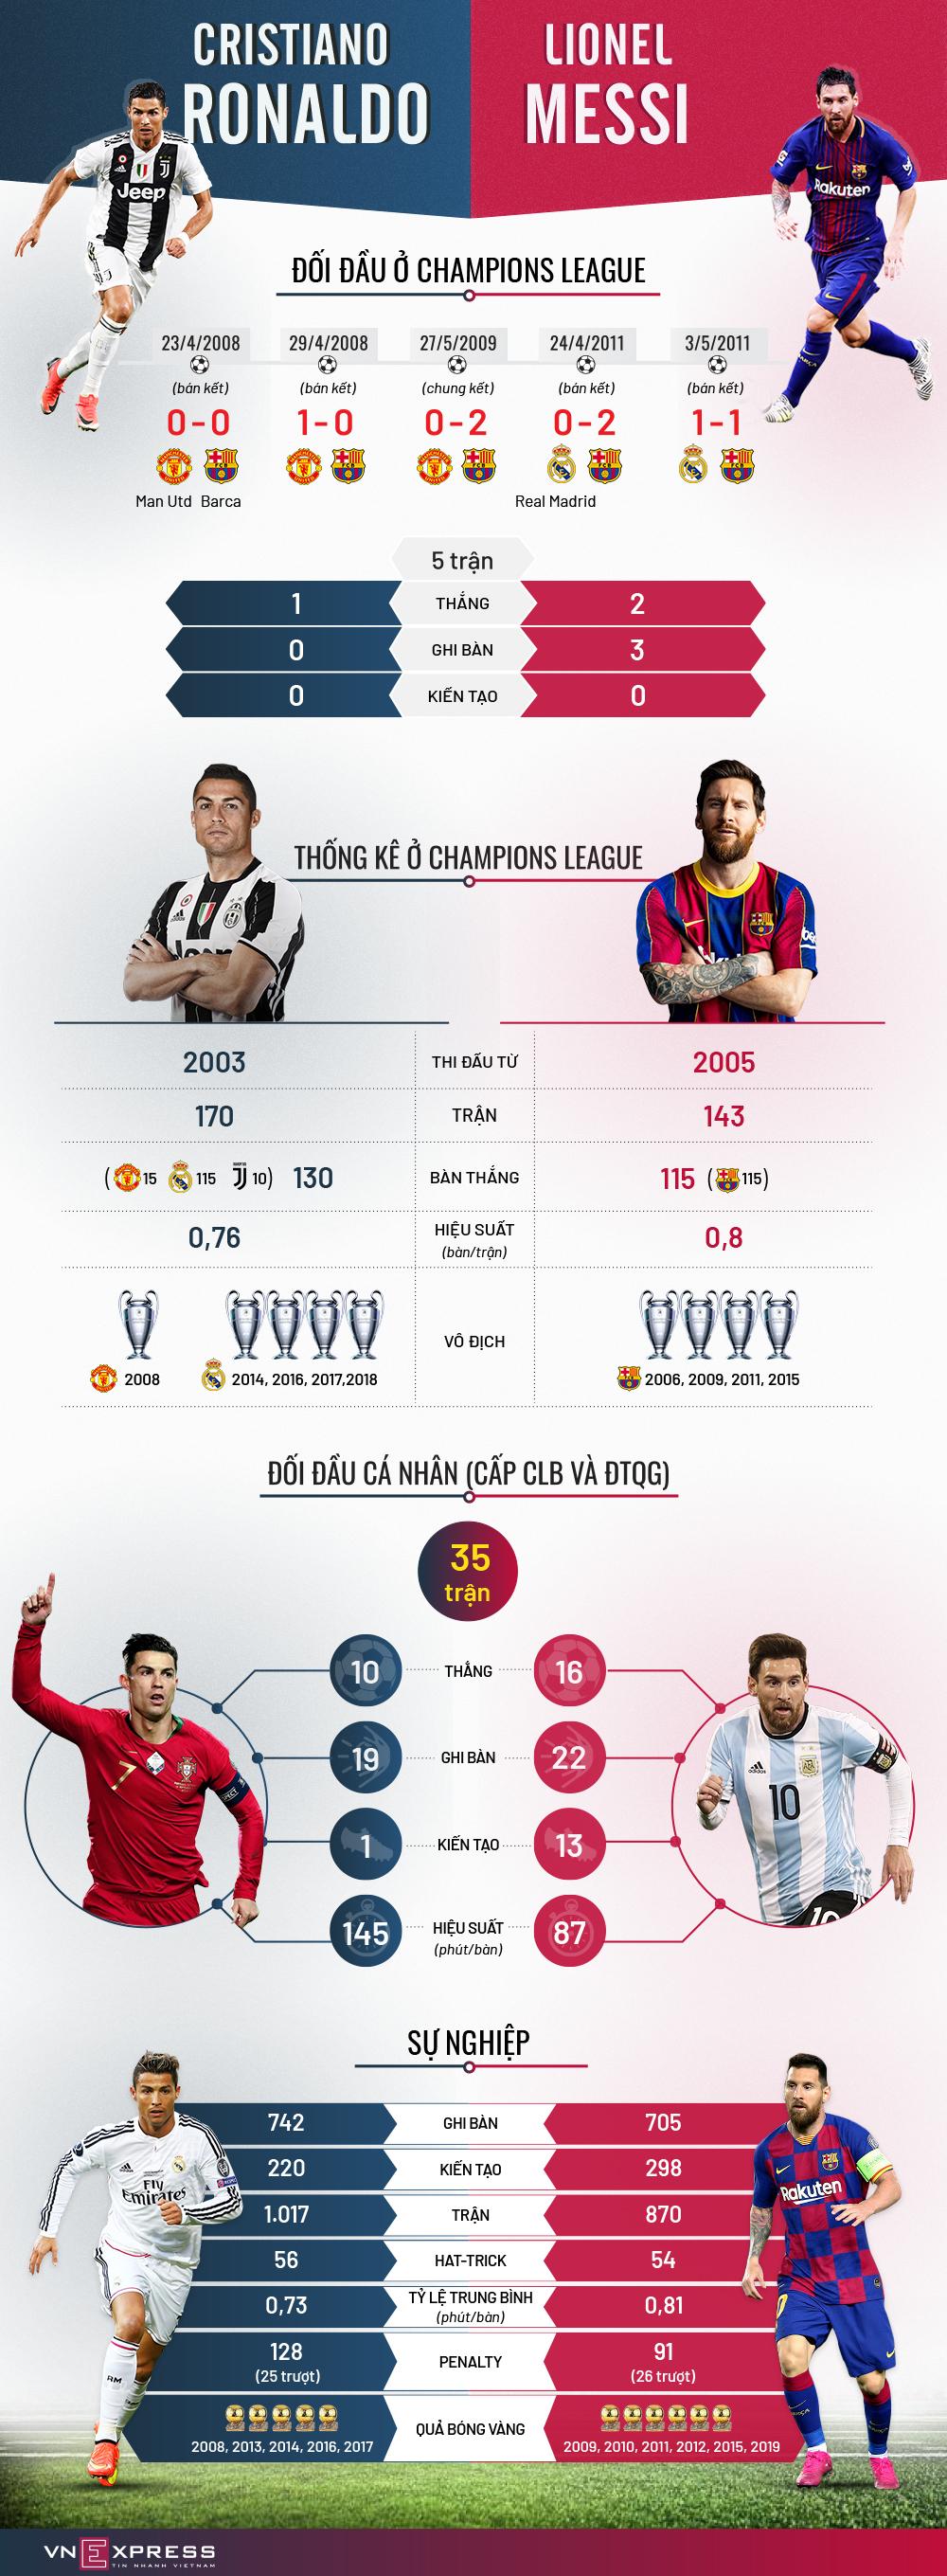 Tương quan Ronaldo - Messi ở Champions League